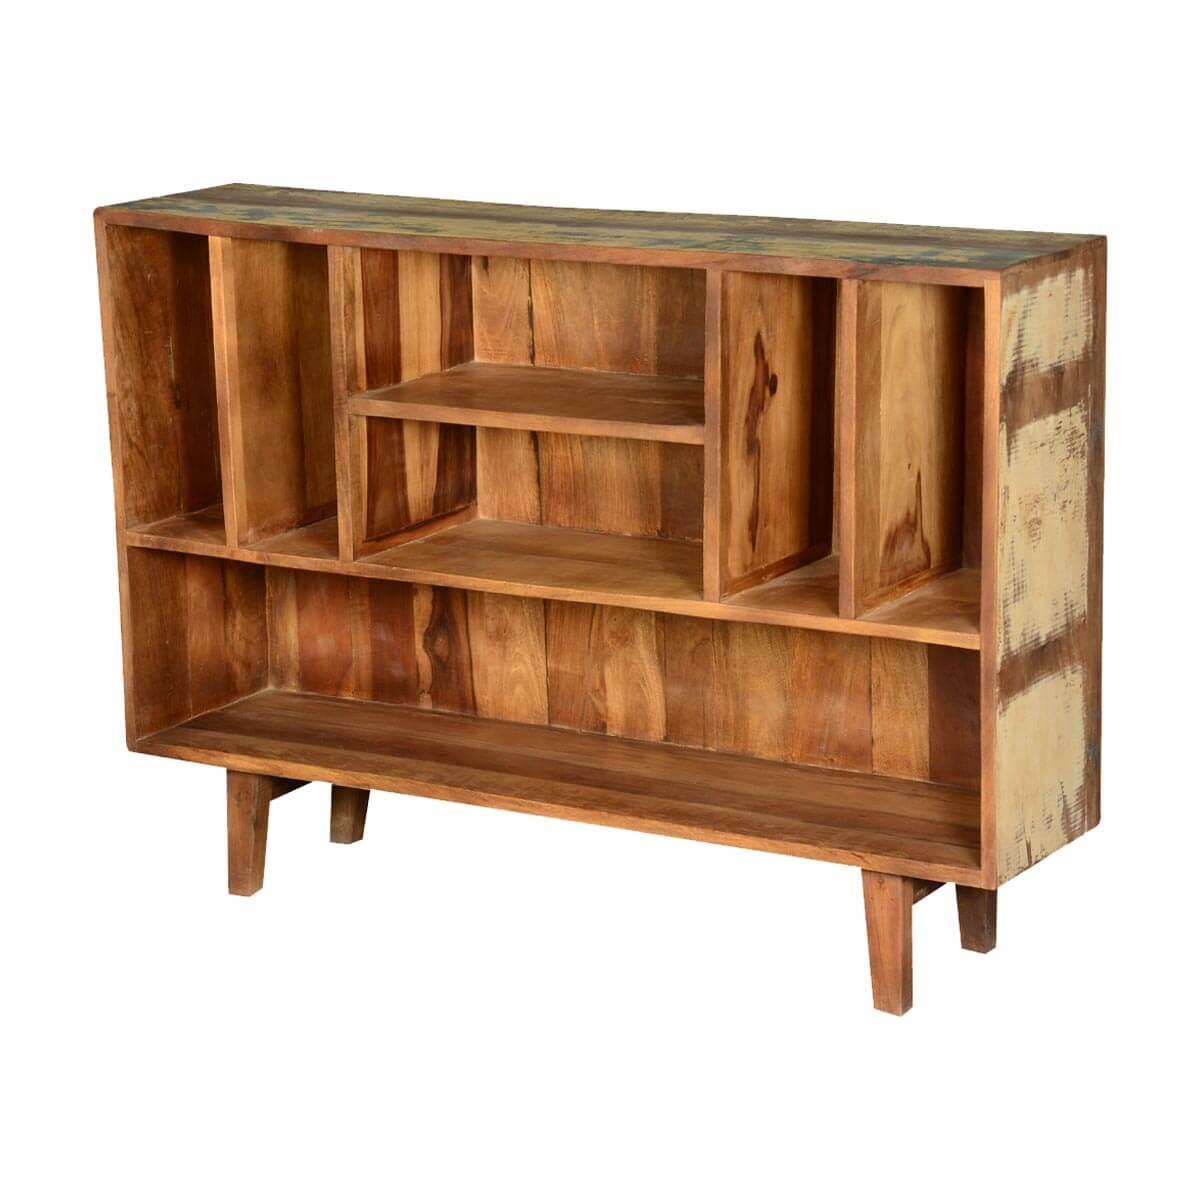 Frontier Rustic Reclaimed Wood Standing Multi Open Shelf Display Case